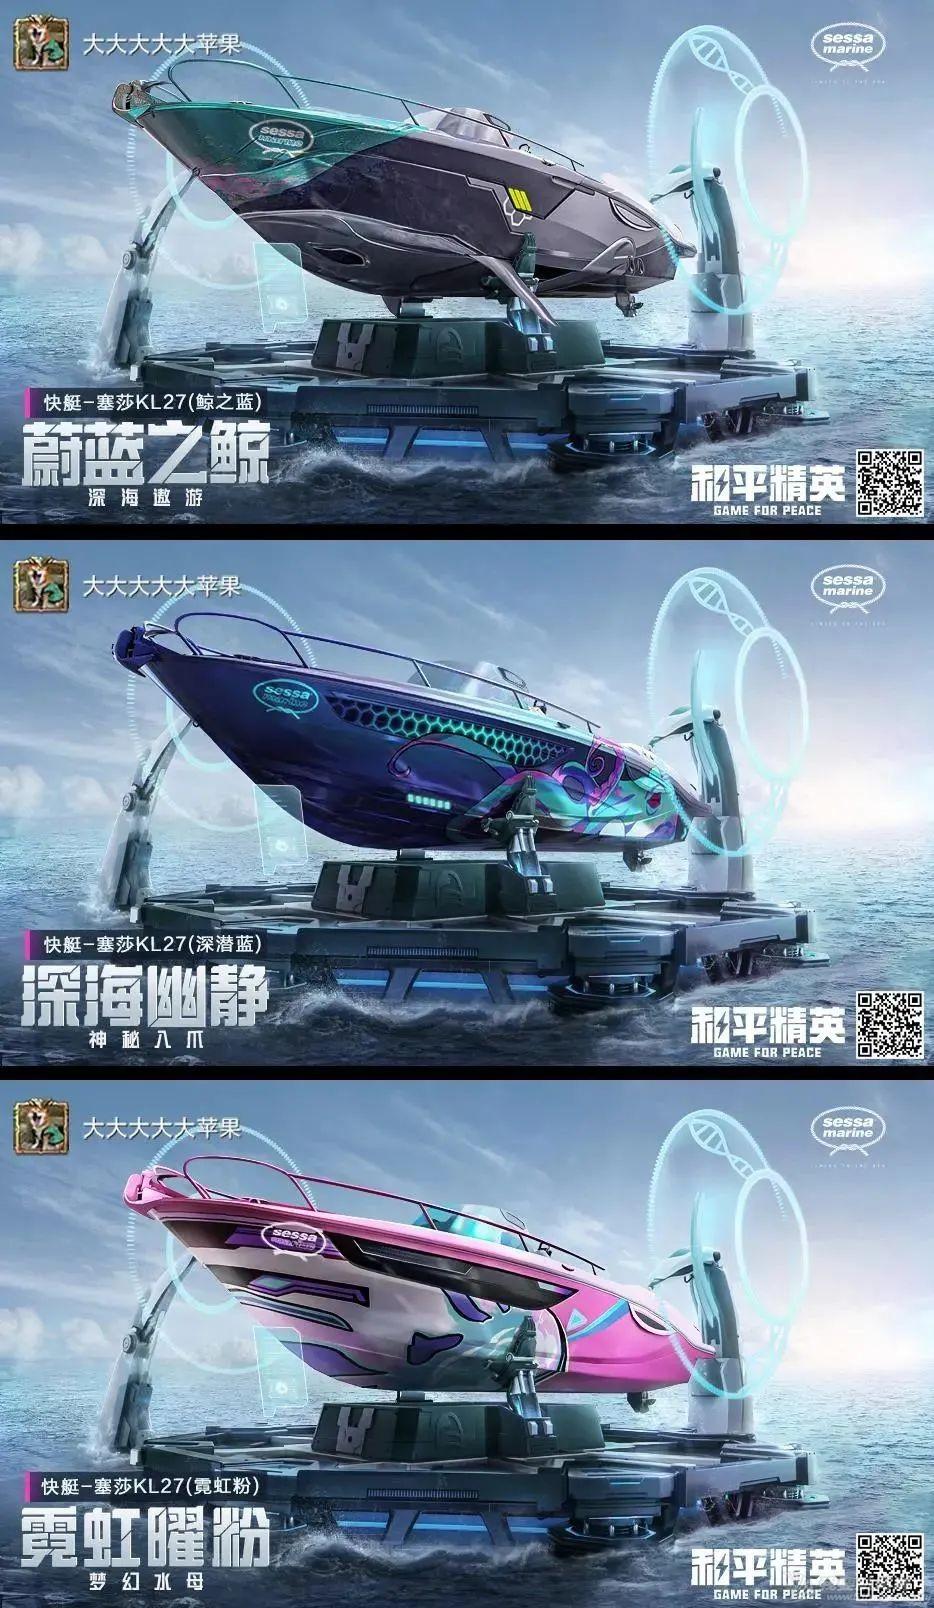 意大利塞莎(Sessa)游艇携手《和平精英》跨界合作,游戏中首推游艇新皮肤!w1.jpg